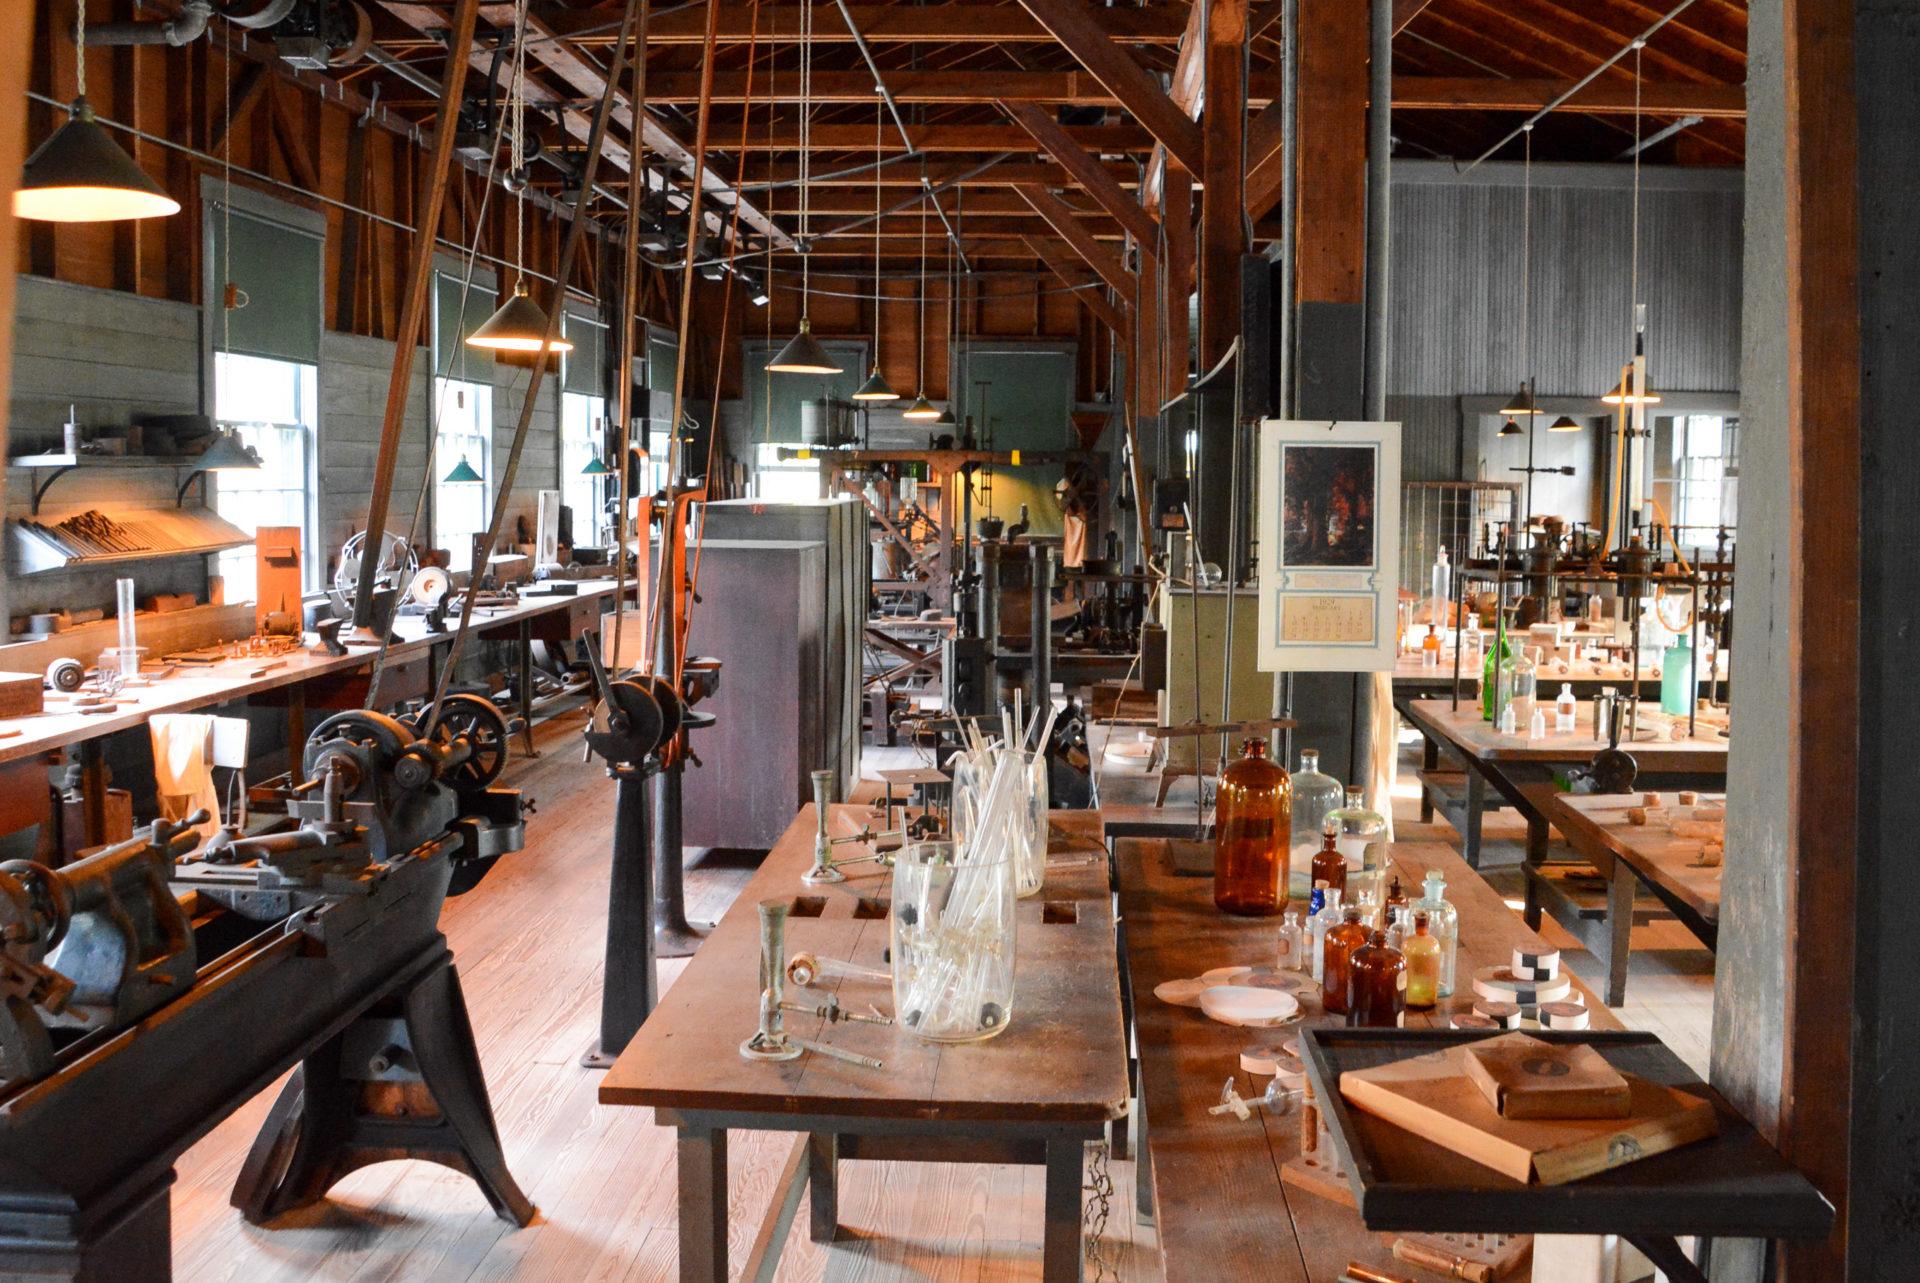 Werkstatt von Thomas Edison in Fort Myers in Florida